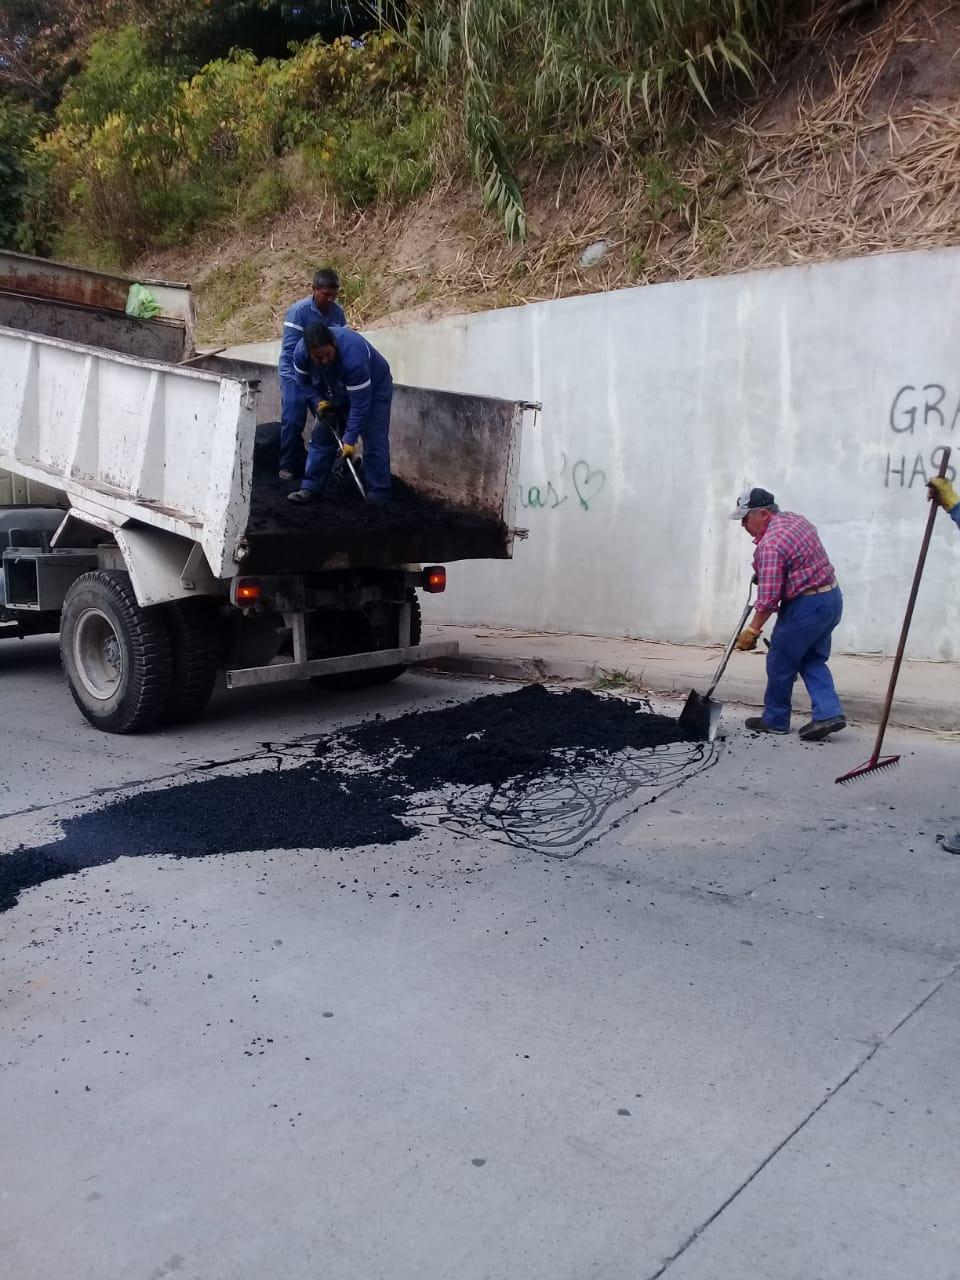 Servicios Públicos municipal avanza con bacheo y limpieza